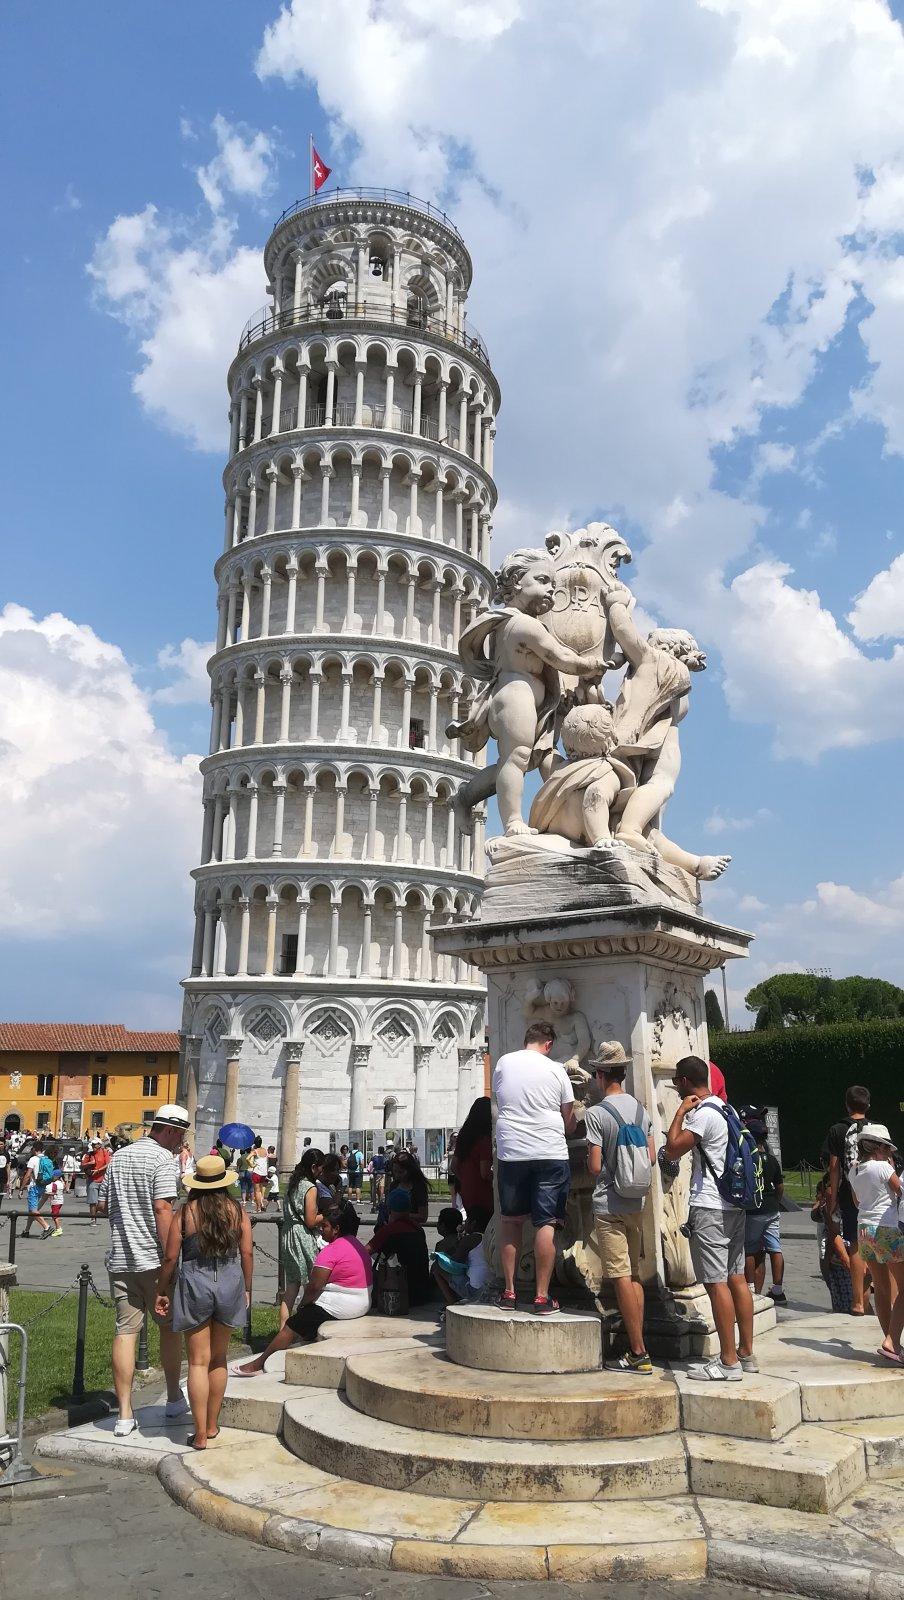 تنسيق برنامج إيطاليا توسكانا روما فلورنس بيزا سيينا 387046 المسافرون العرب